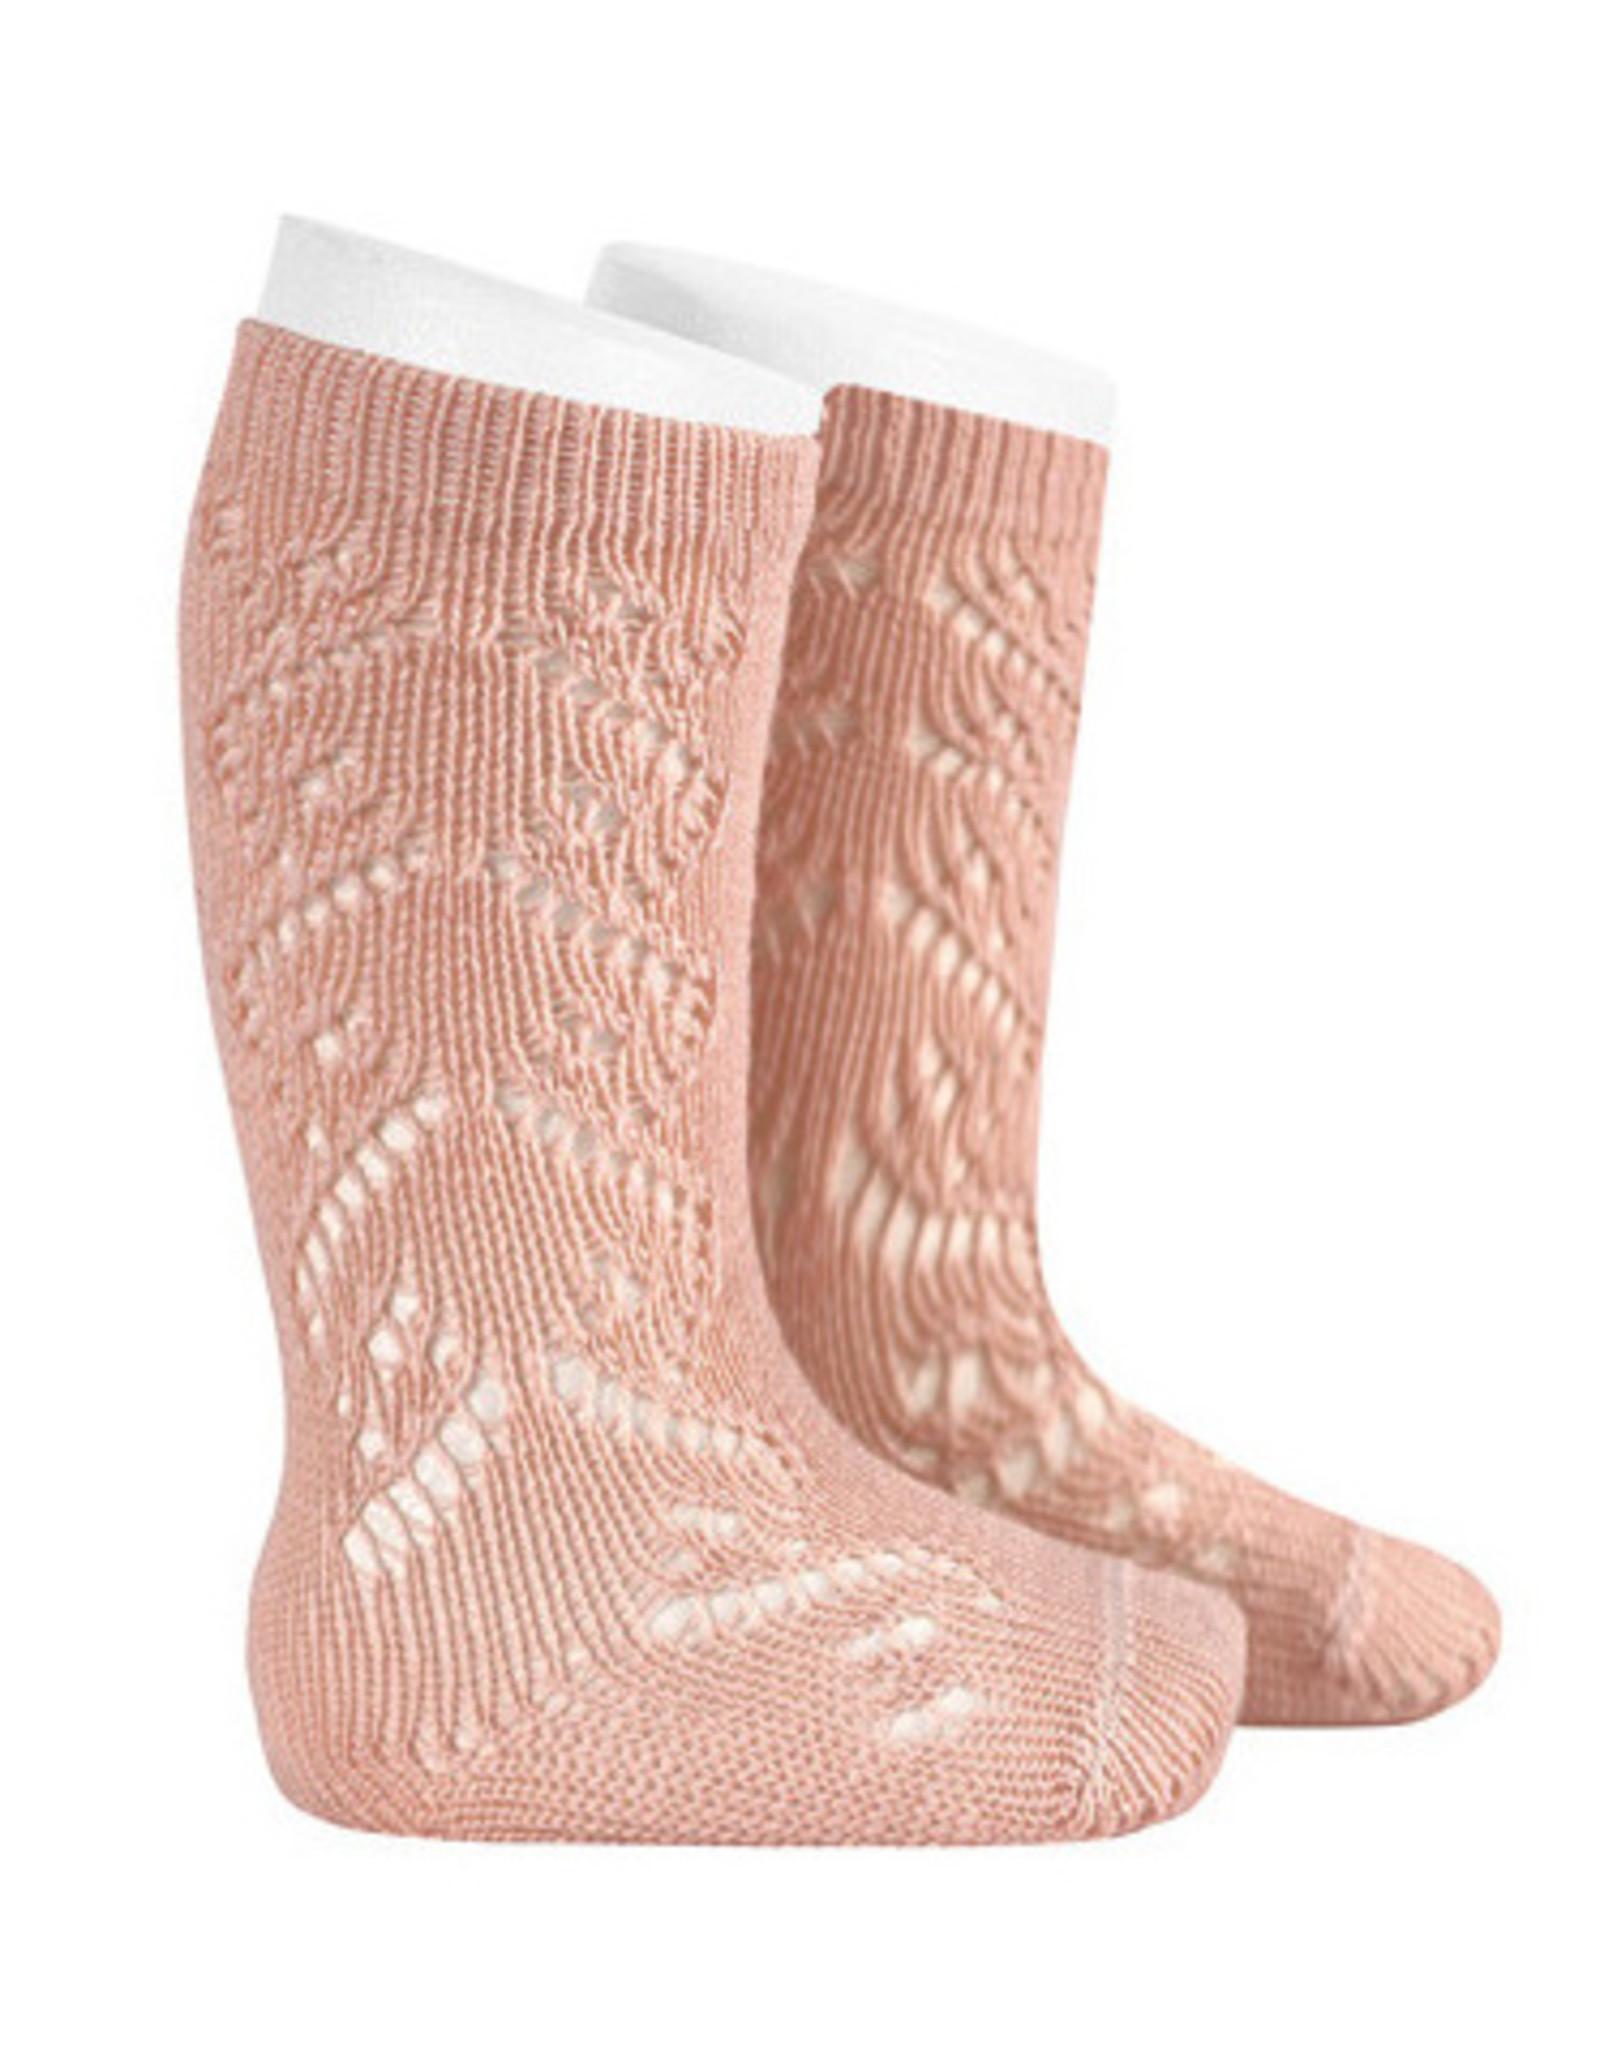 CONDOR Old Rose Wool Side Openwork Socks